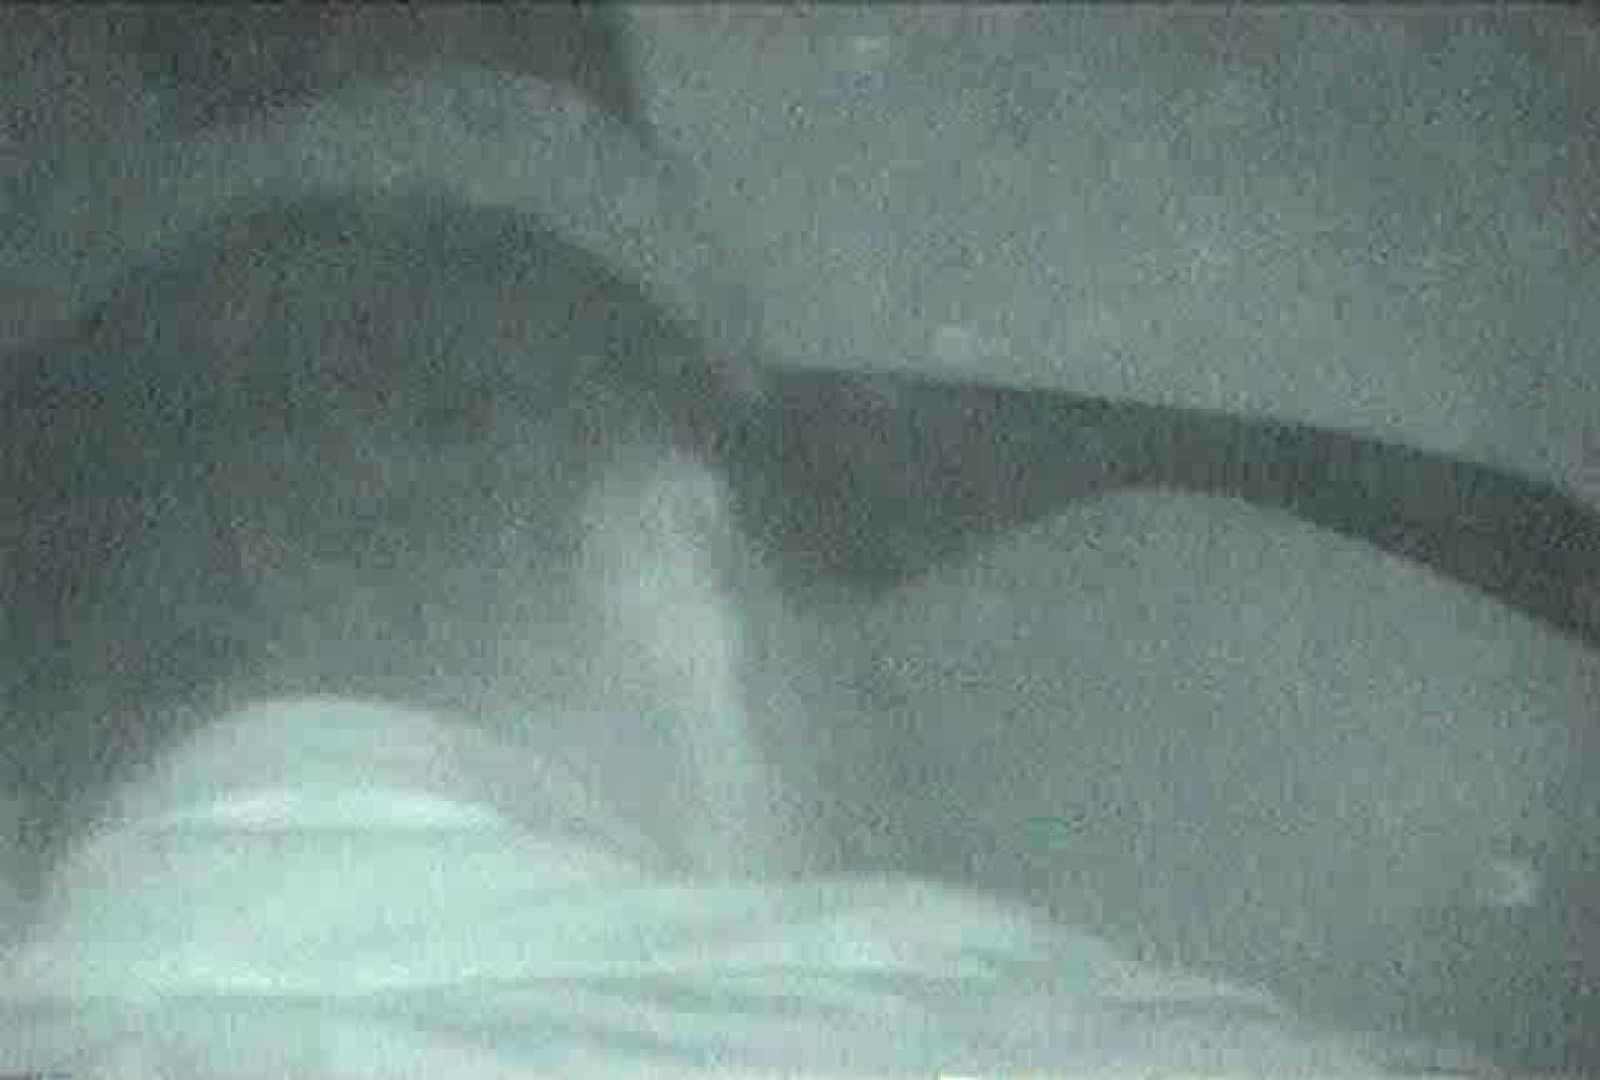 充血監督の深夜の運動会Vol.85 エロティックなOL ぱこり動画紹介 100画像 41